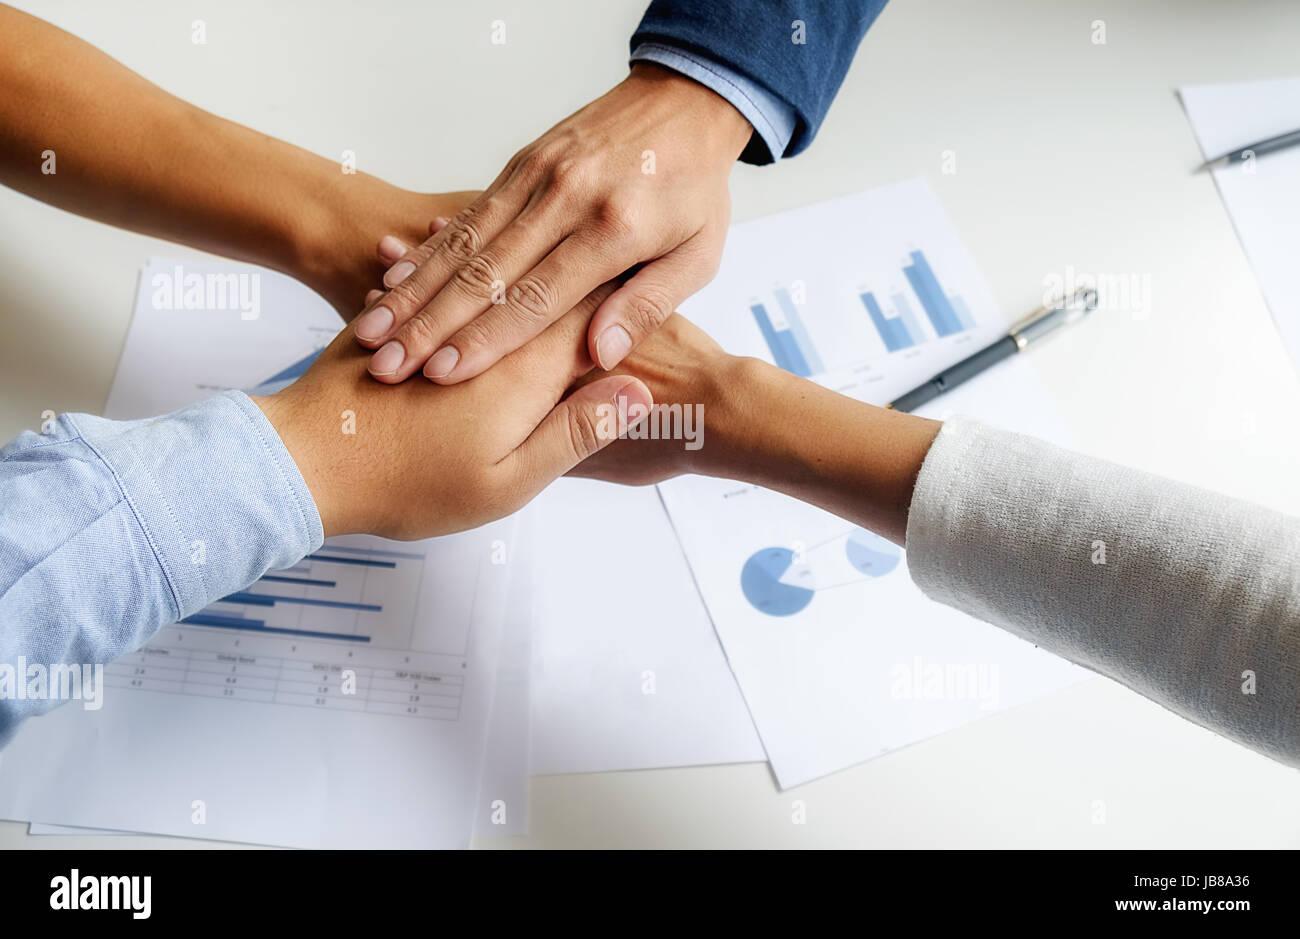 Inscrivez-vous d'équipe Support mains ensemble Concept. Collaborateur de l'Équipe Entreprises Photo Stock